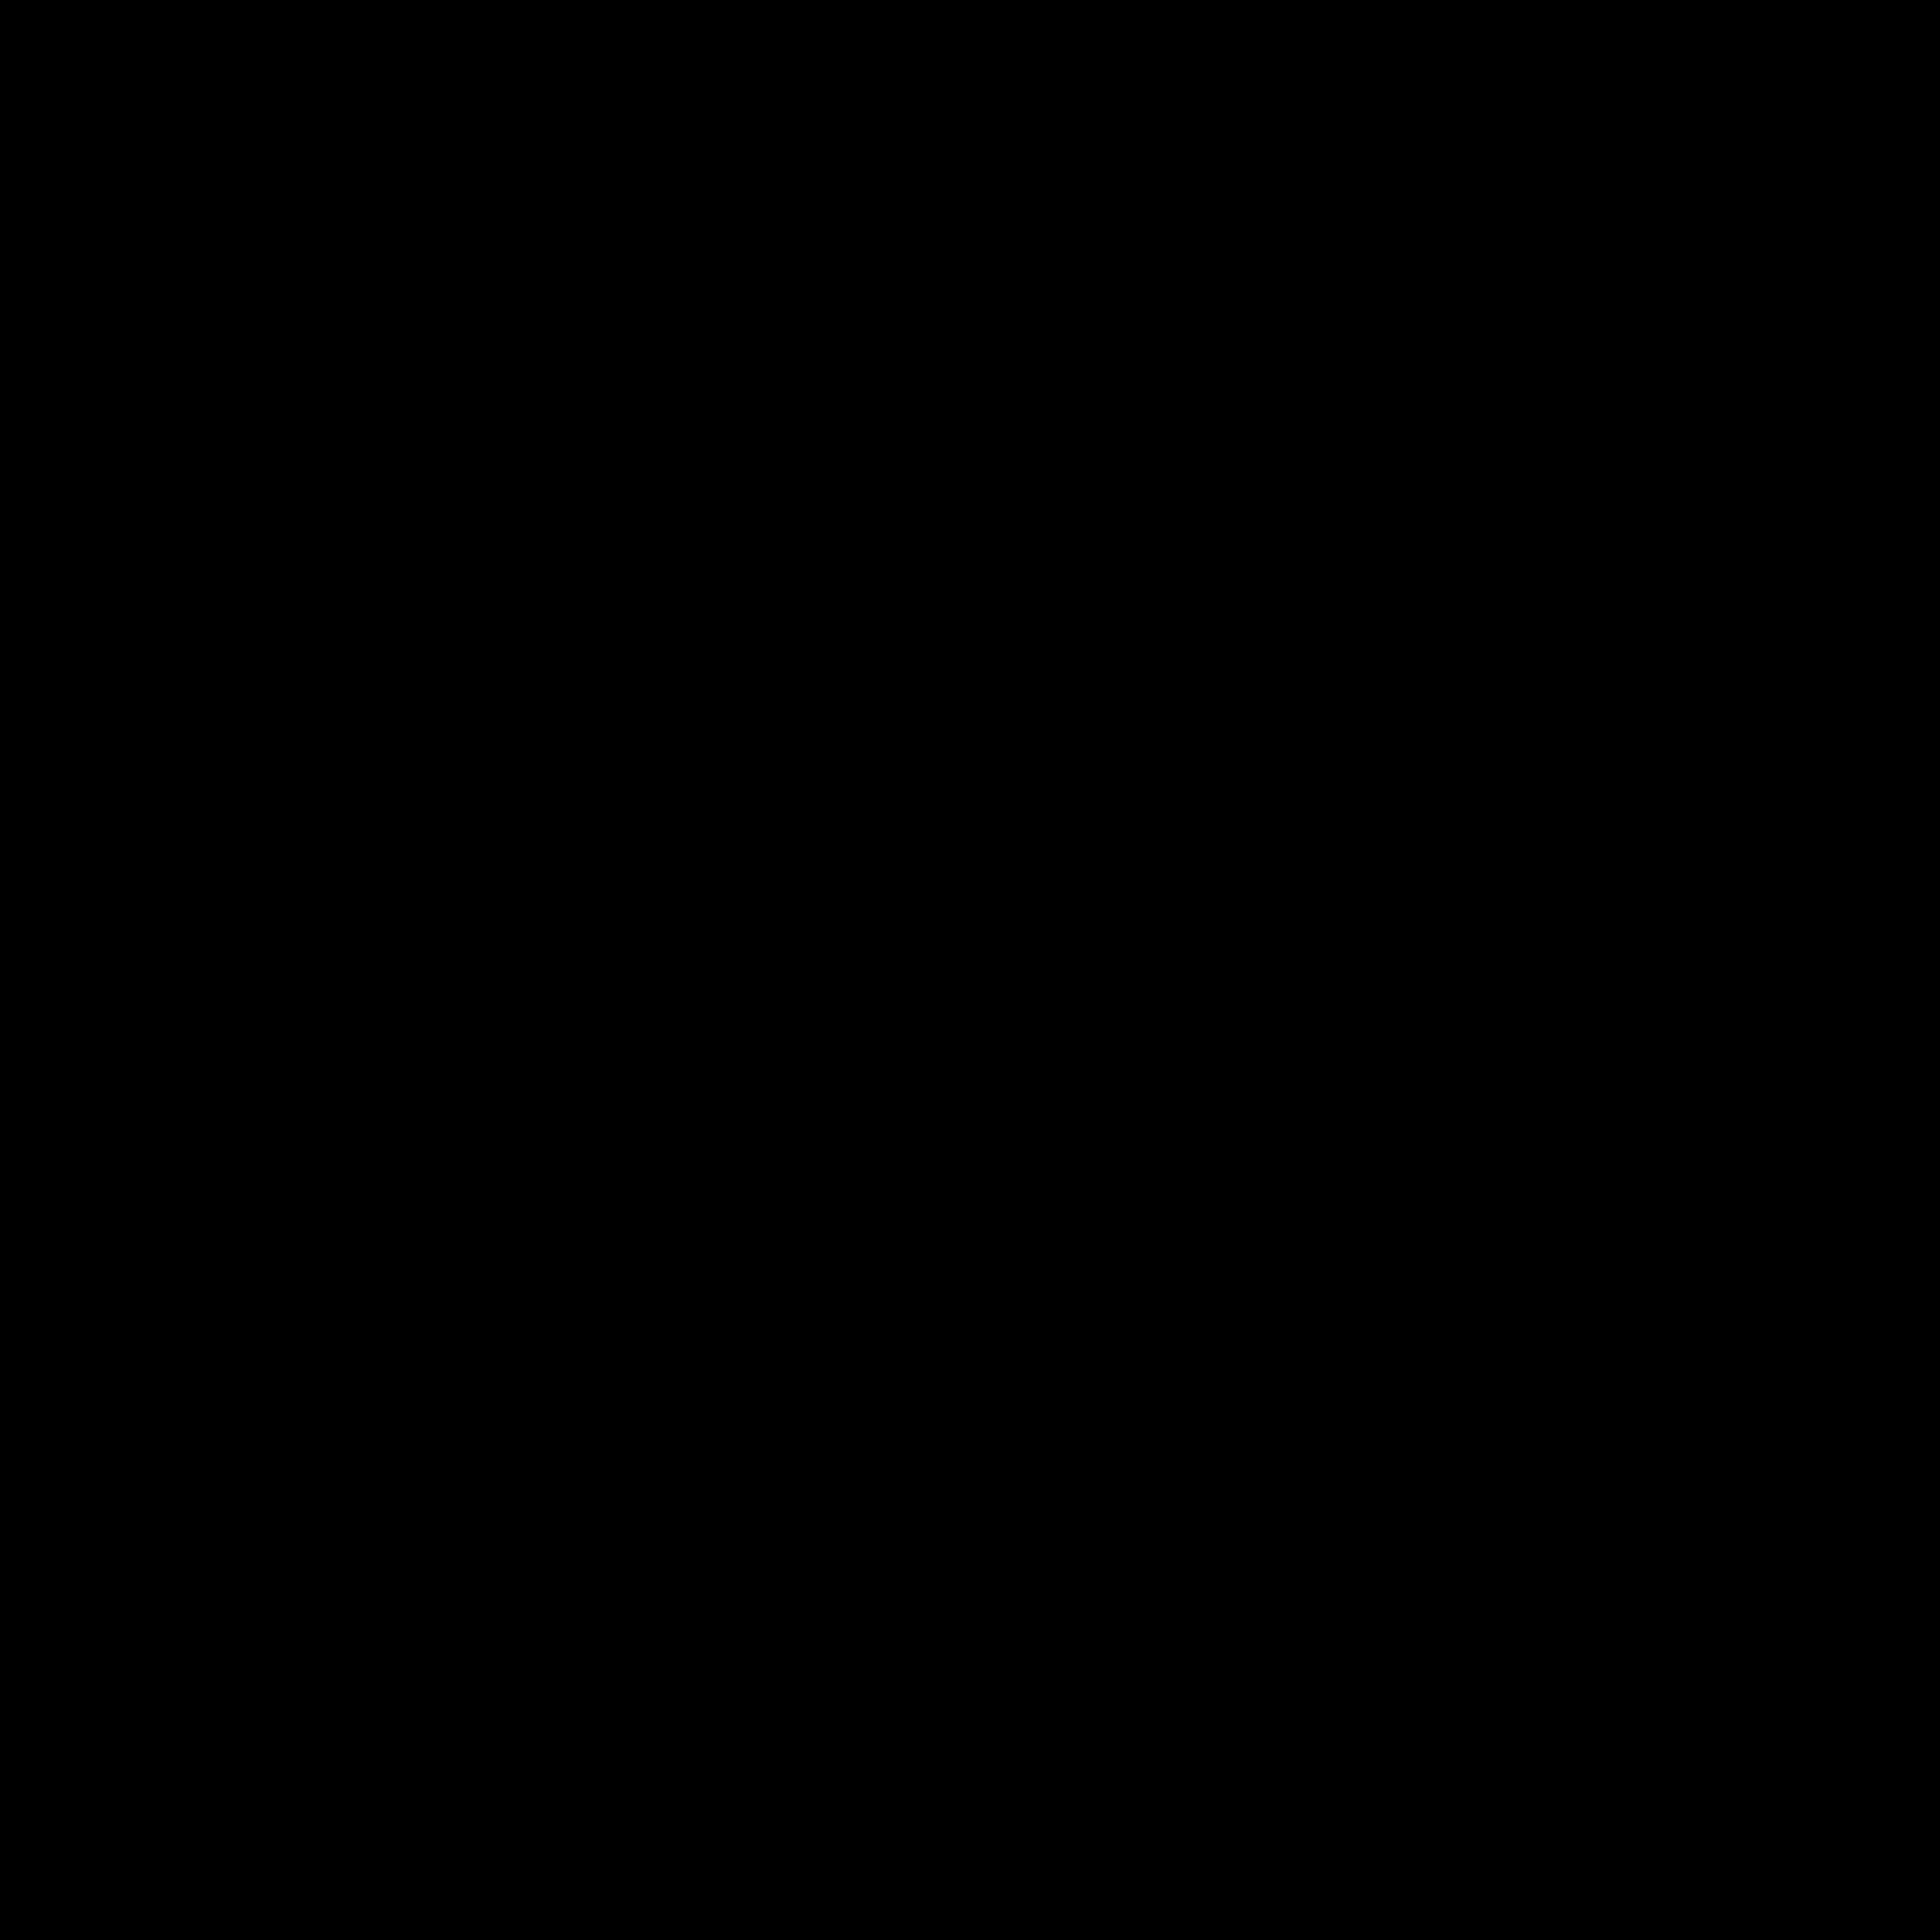 Phaidon-International-2500.png